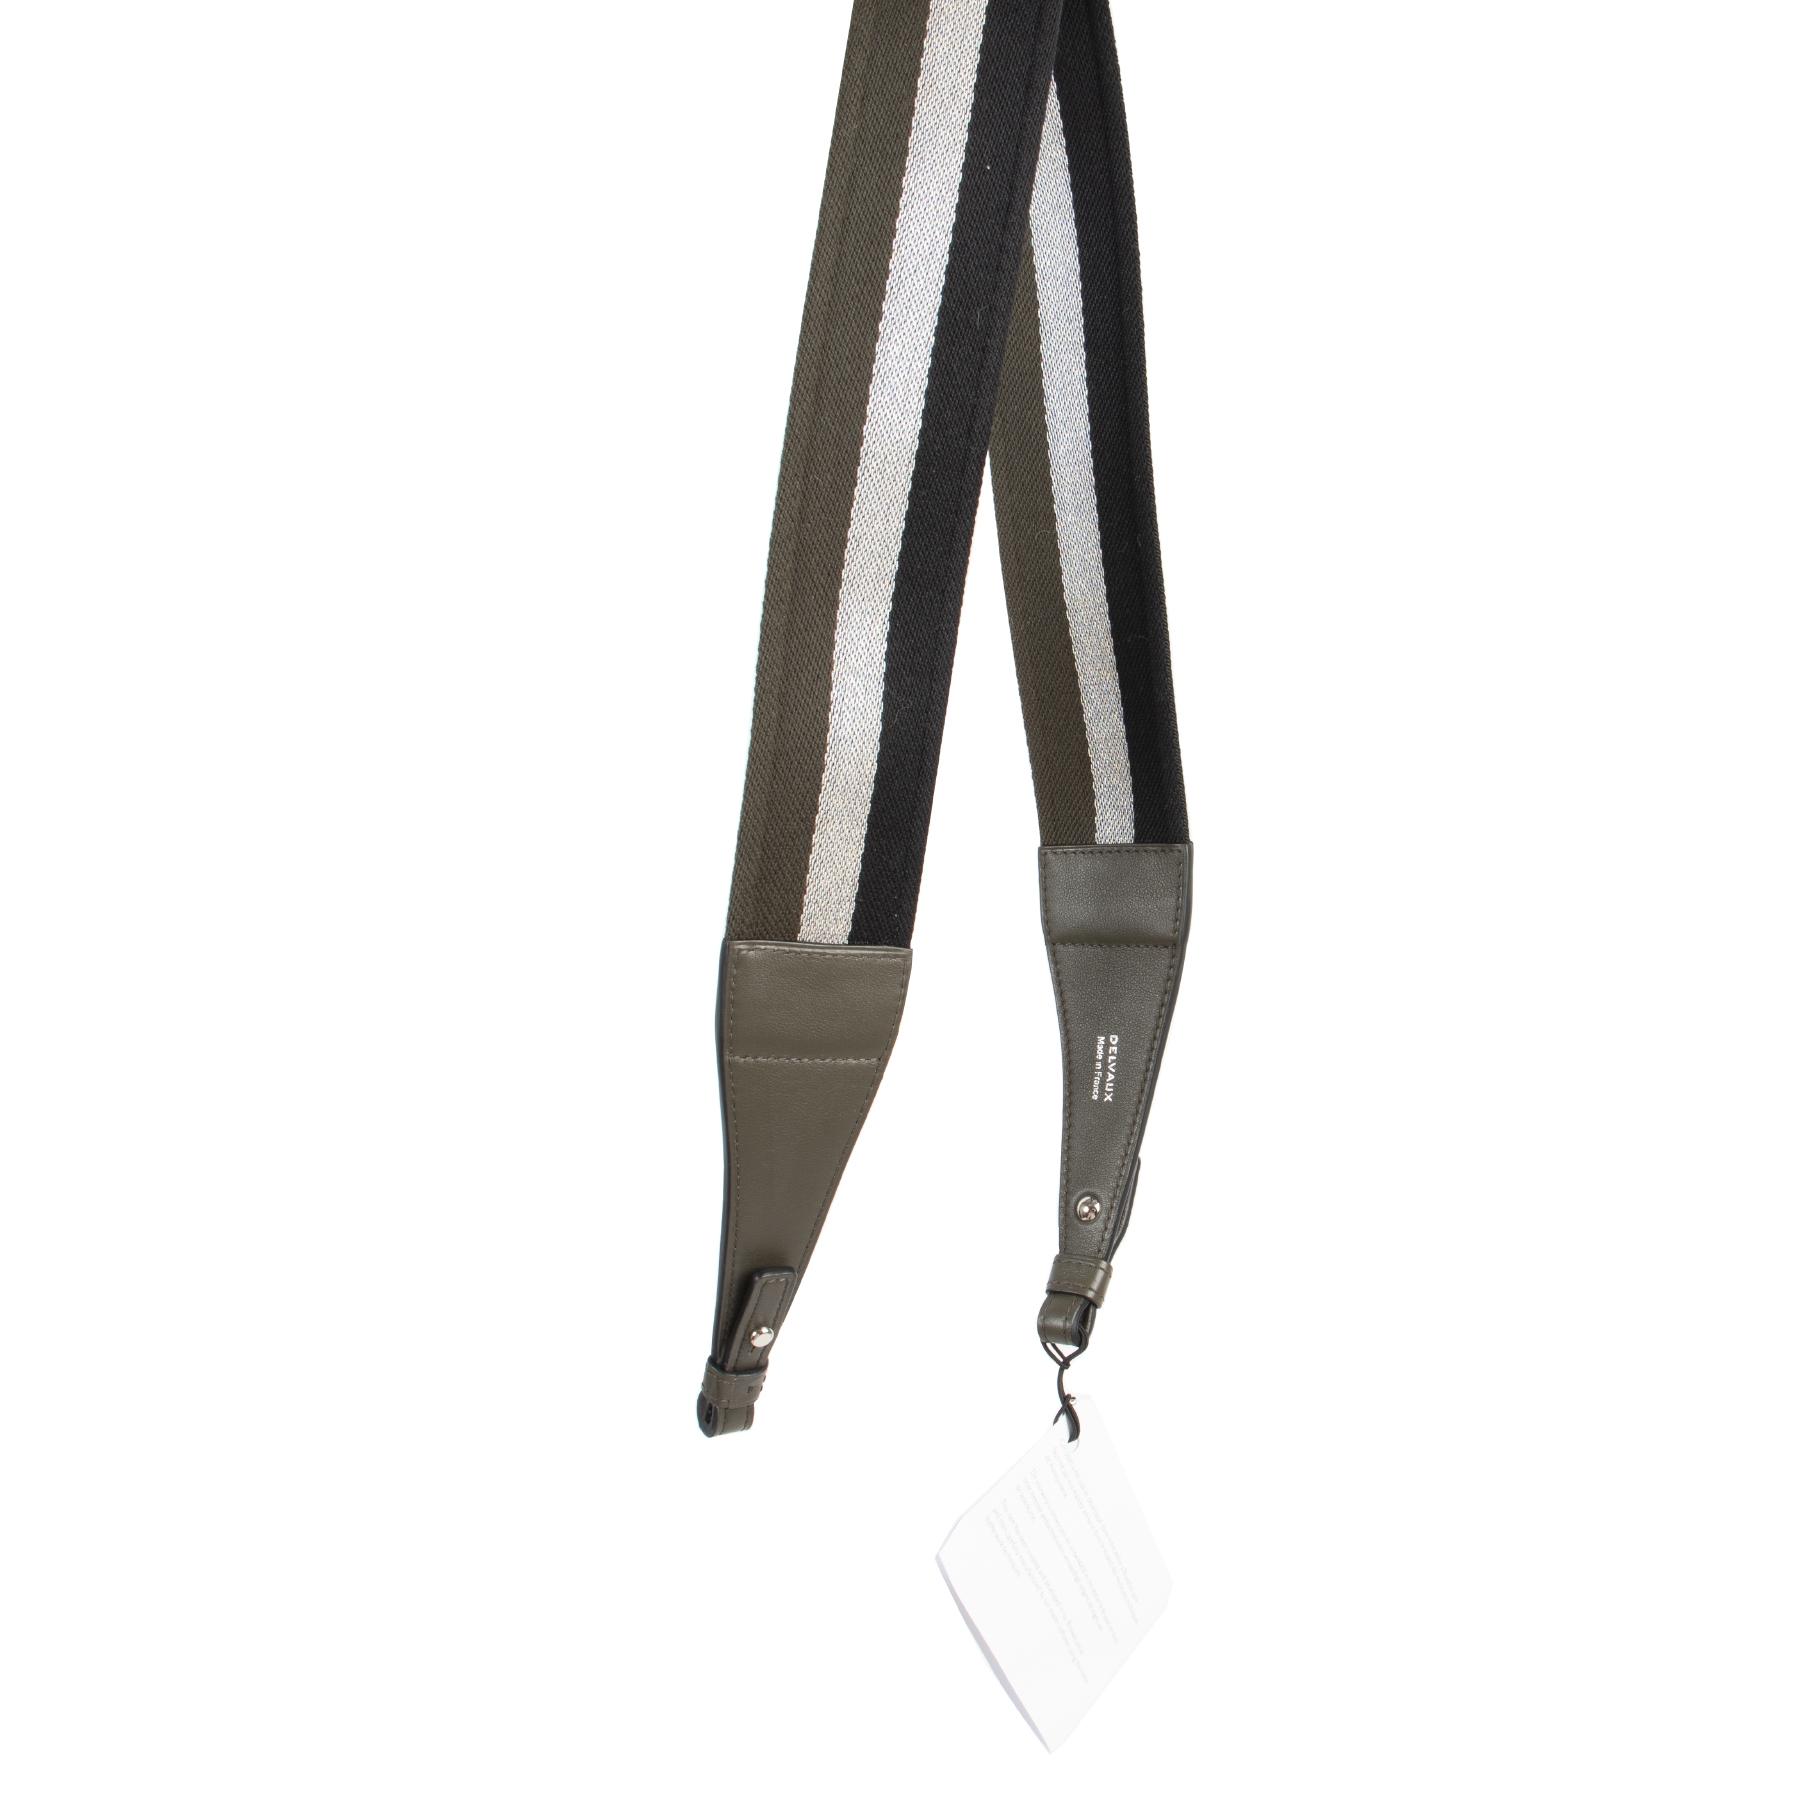 Delvaux Khaki Black Silver Sangle Shoulder Strap kopen en verkopen aan de beste prijs bij Labellov tweedehands luxe